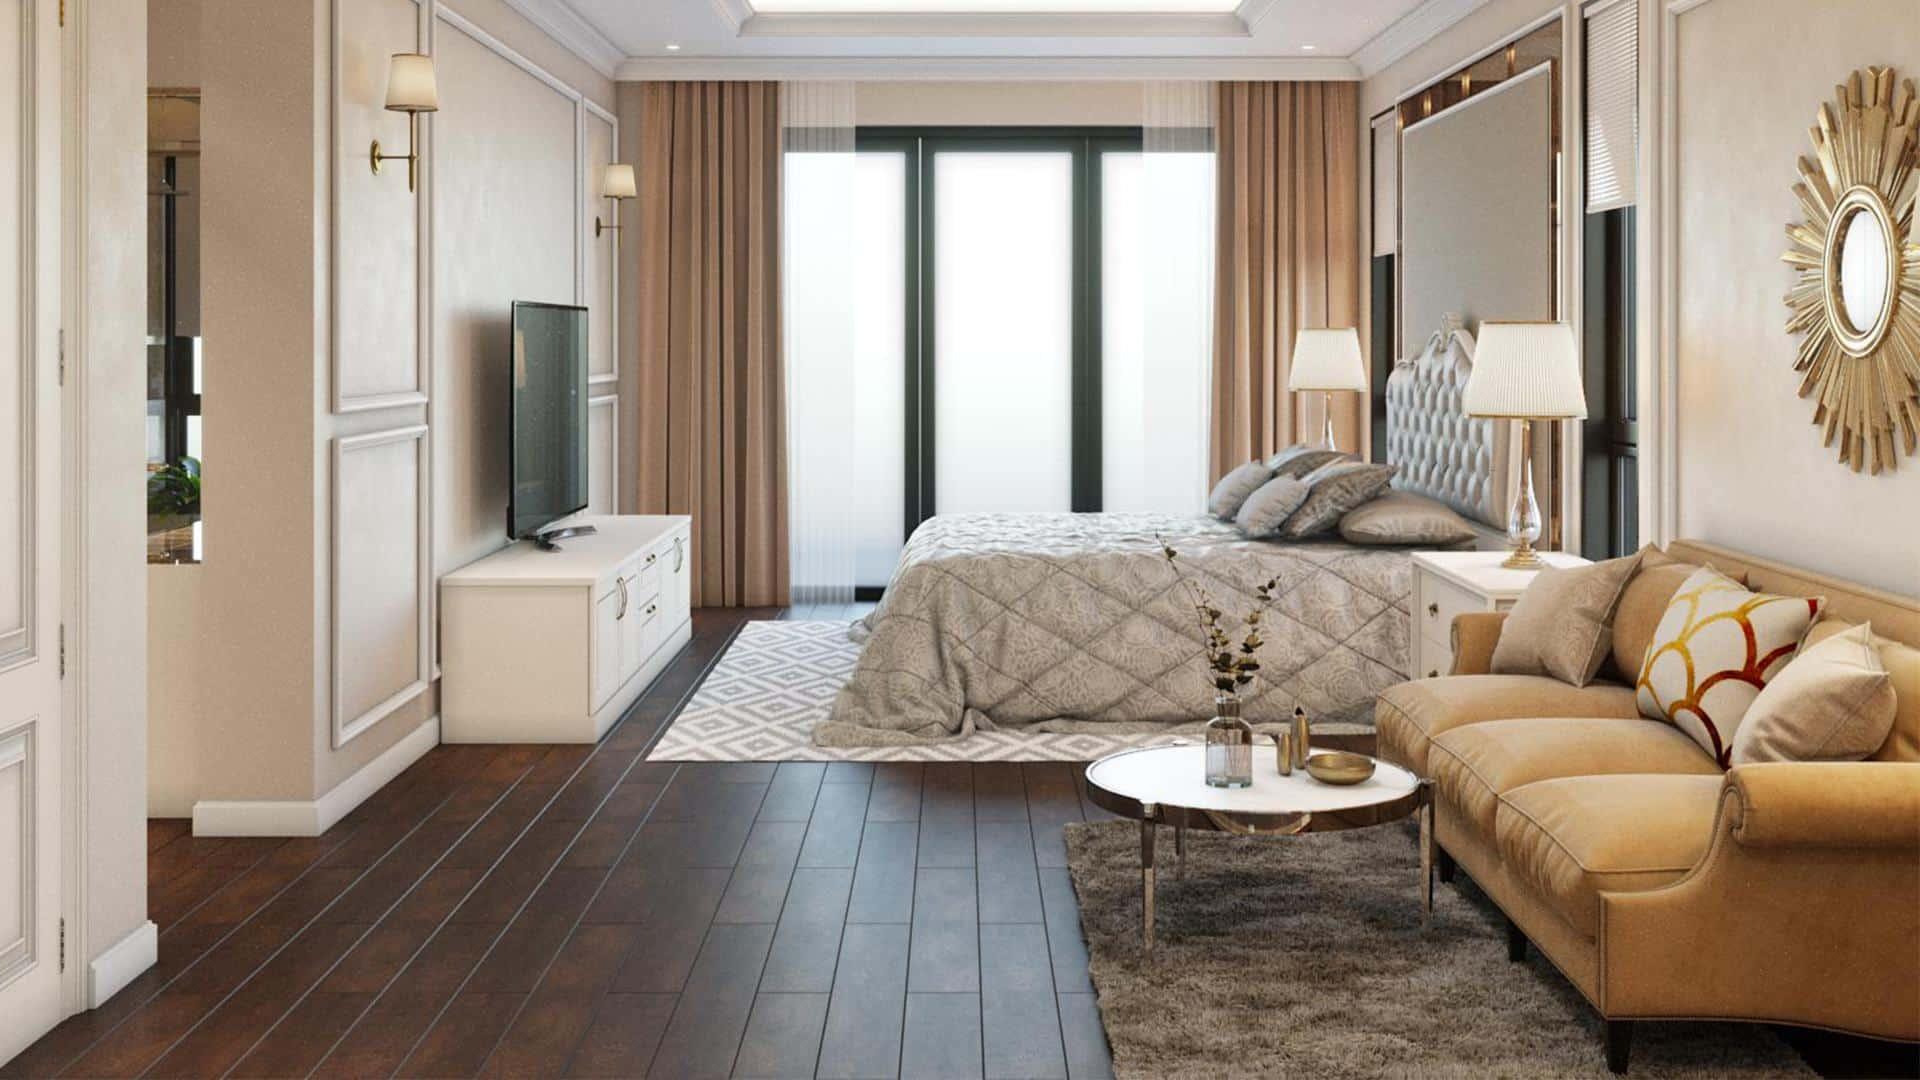 wonder.vn – Kiến trúc, Nội thất và Xây dựng